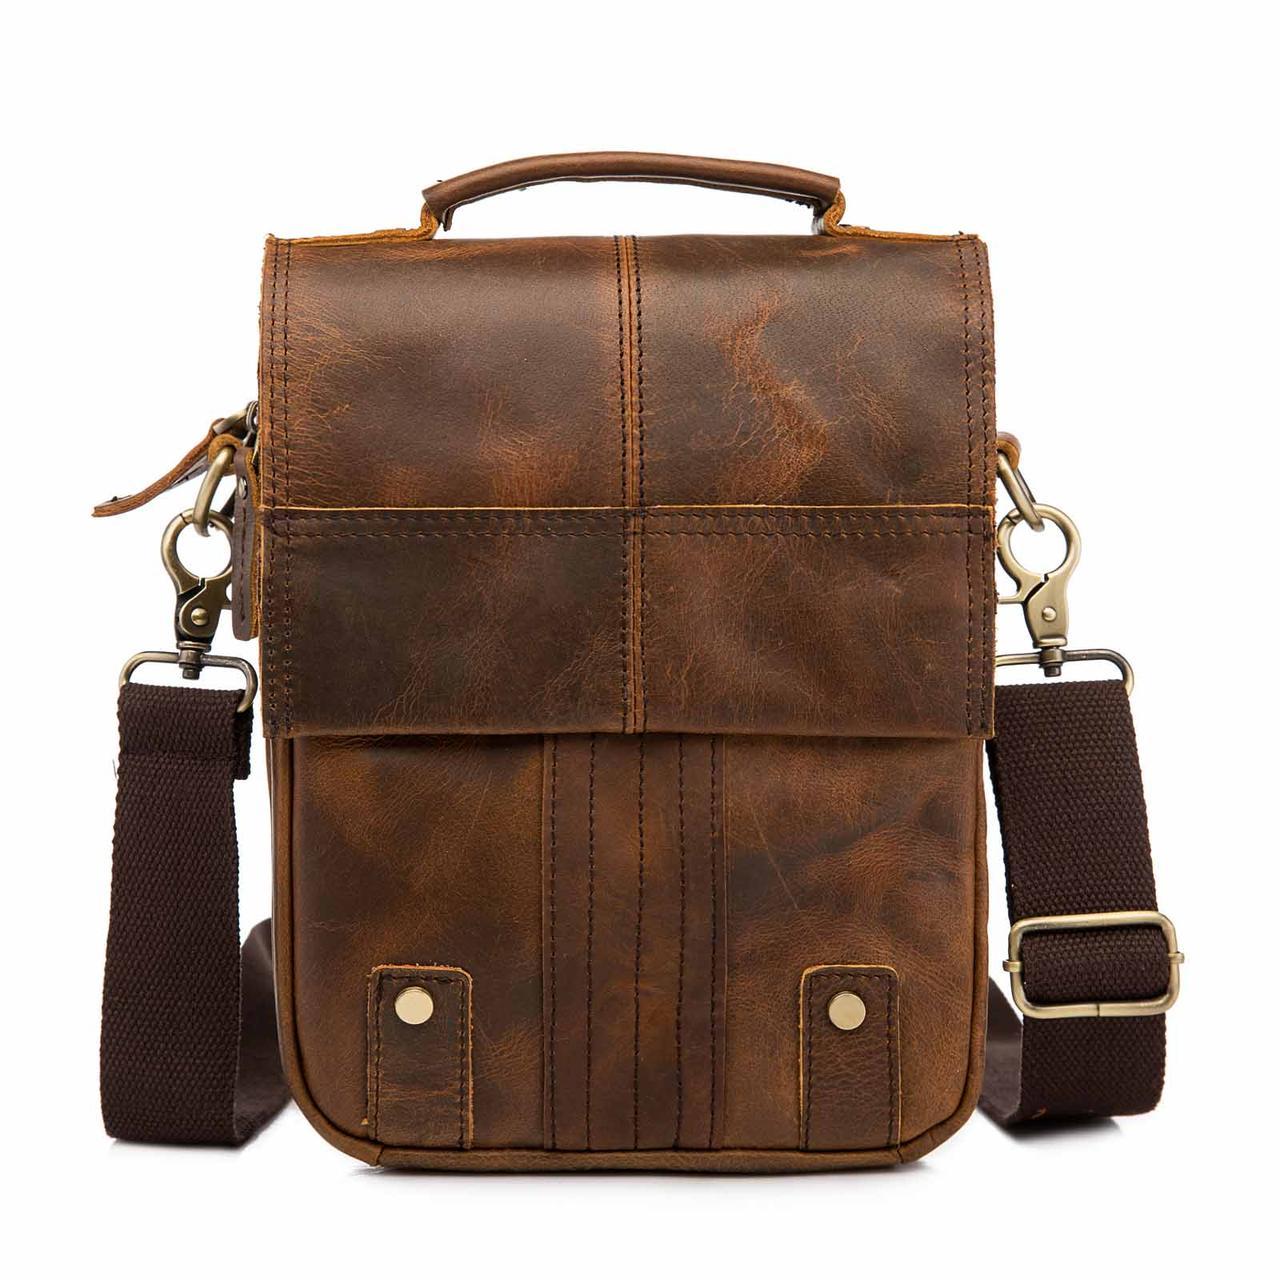 Чоловіча сумка через плече Натуральня шкіра Барсетка Чоловіча шкіряна сумка для документів планшет Коричнева